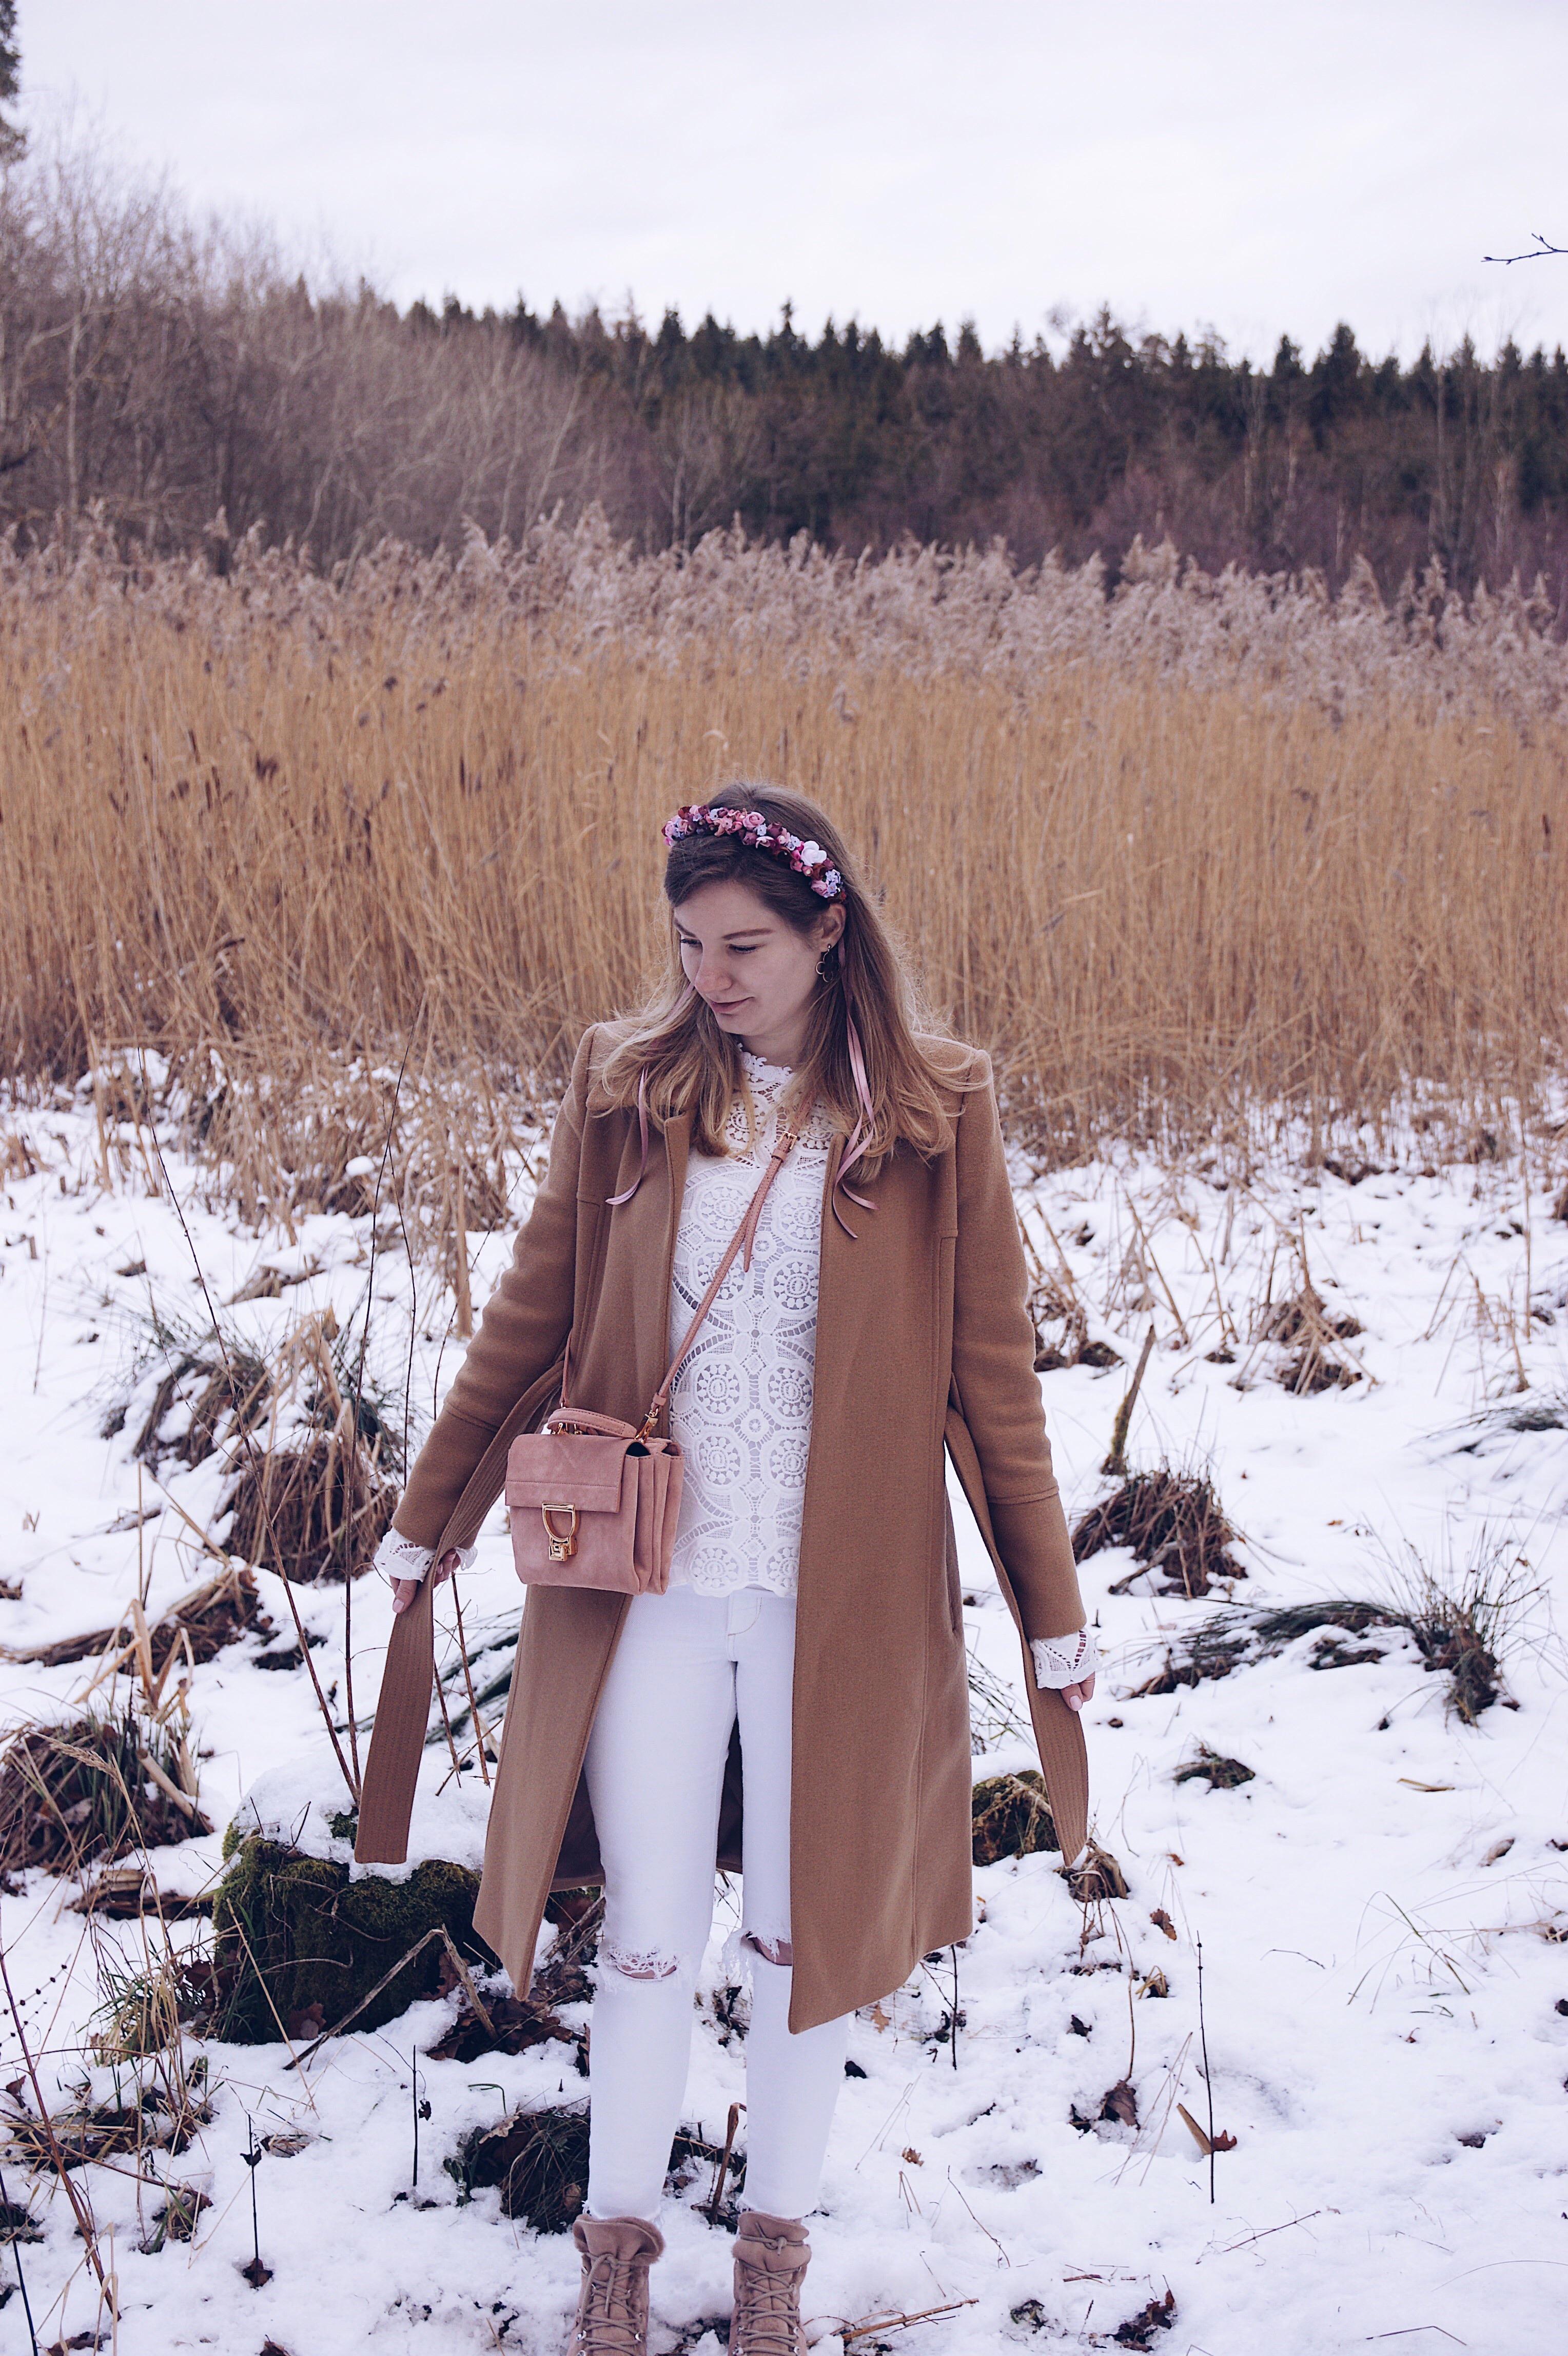 We Are Flowergirls Winter Look, Flower crown